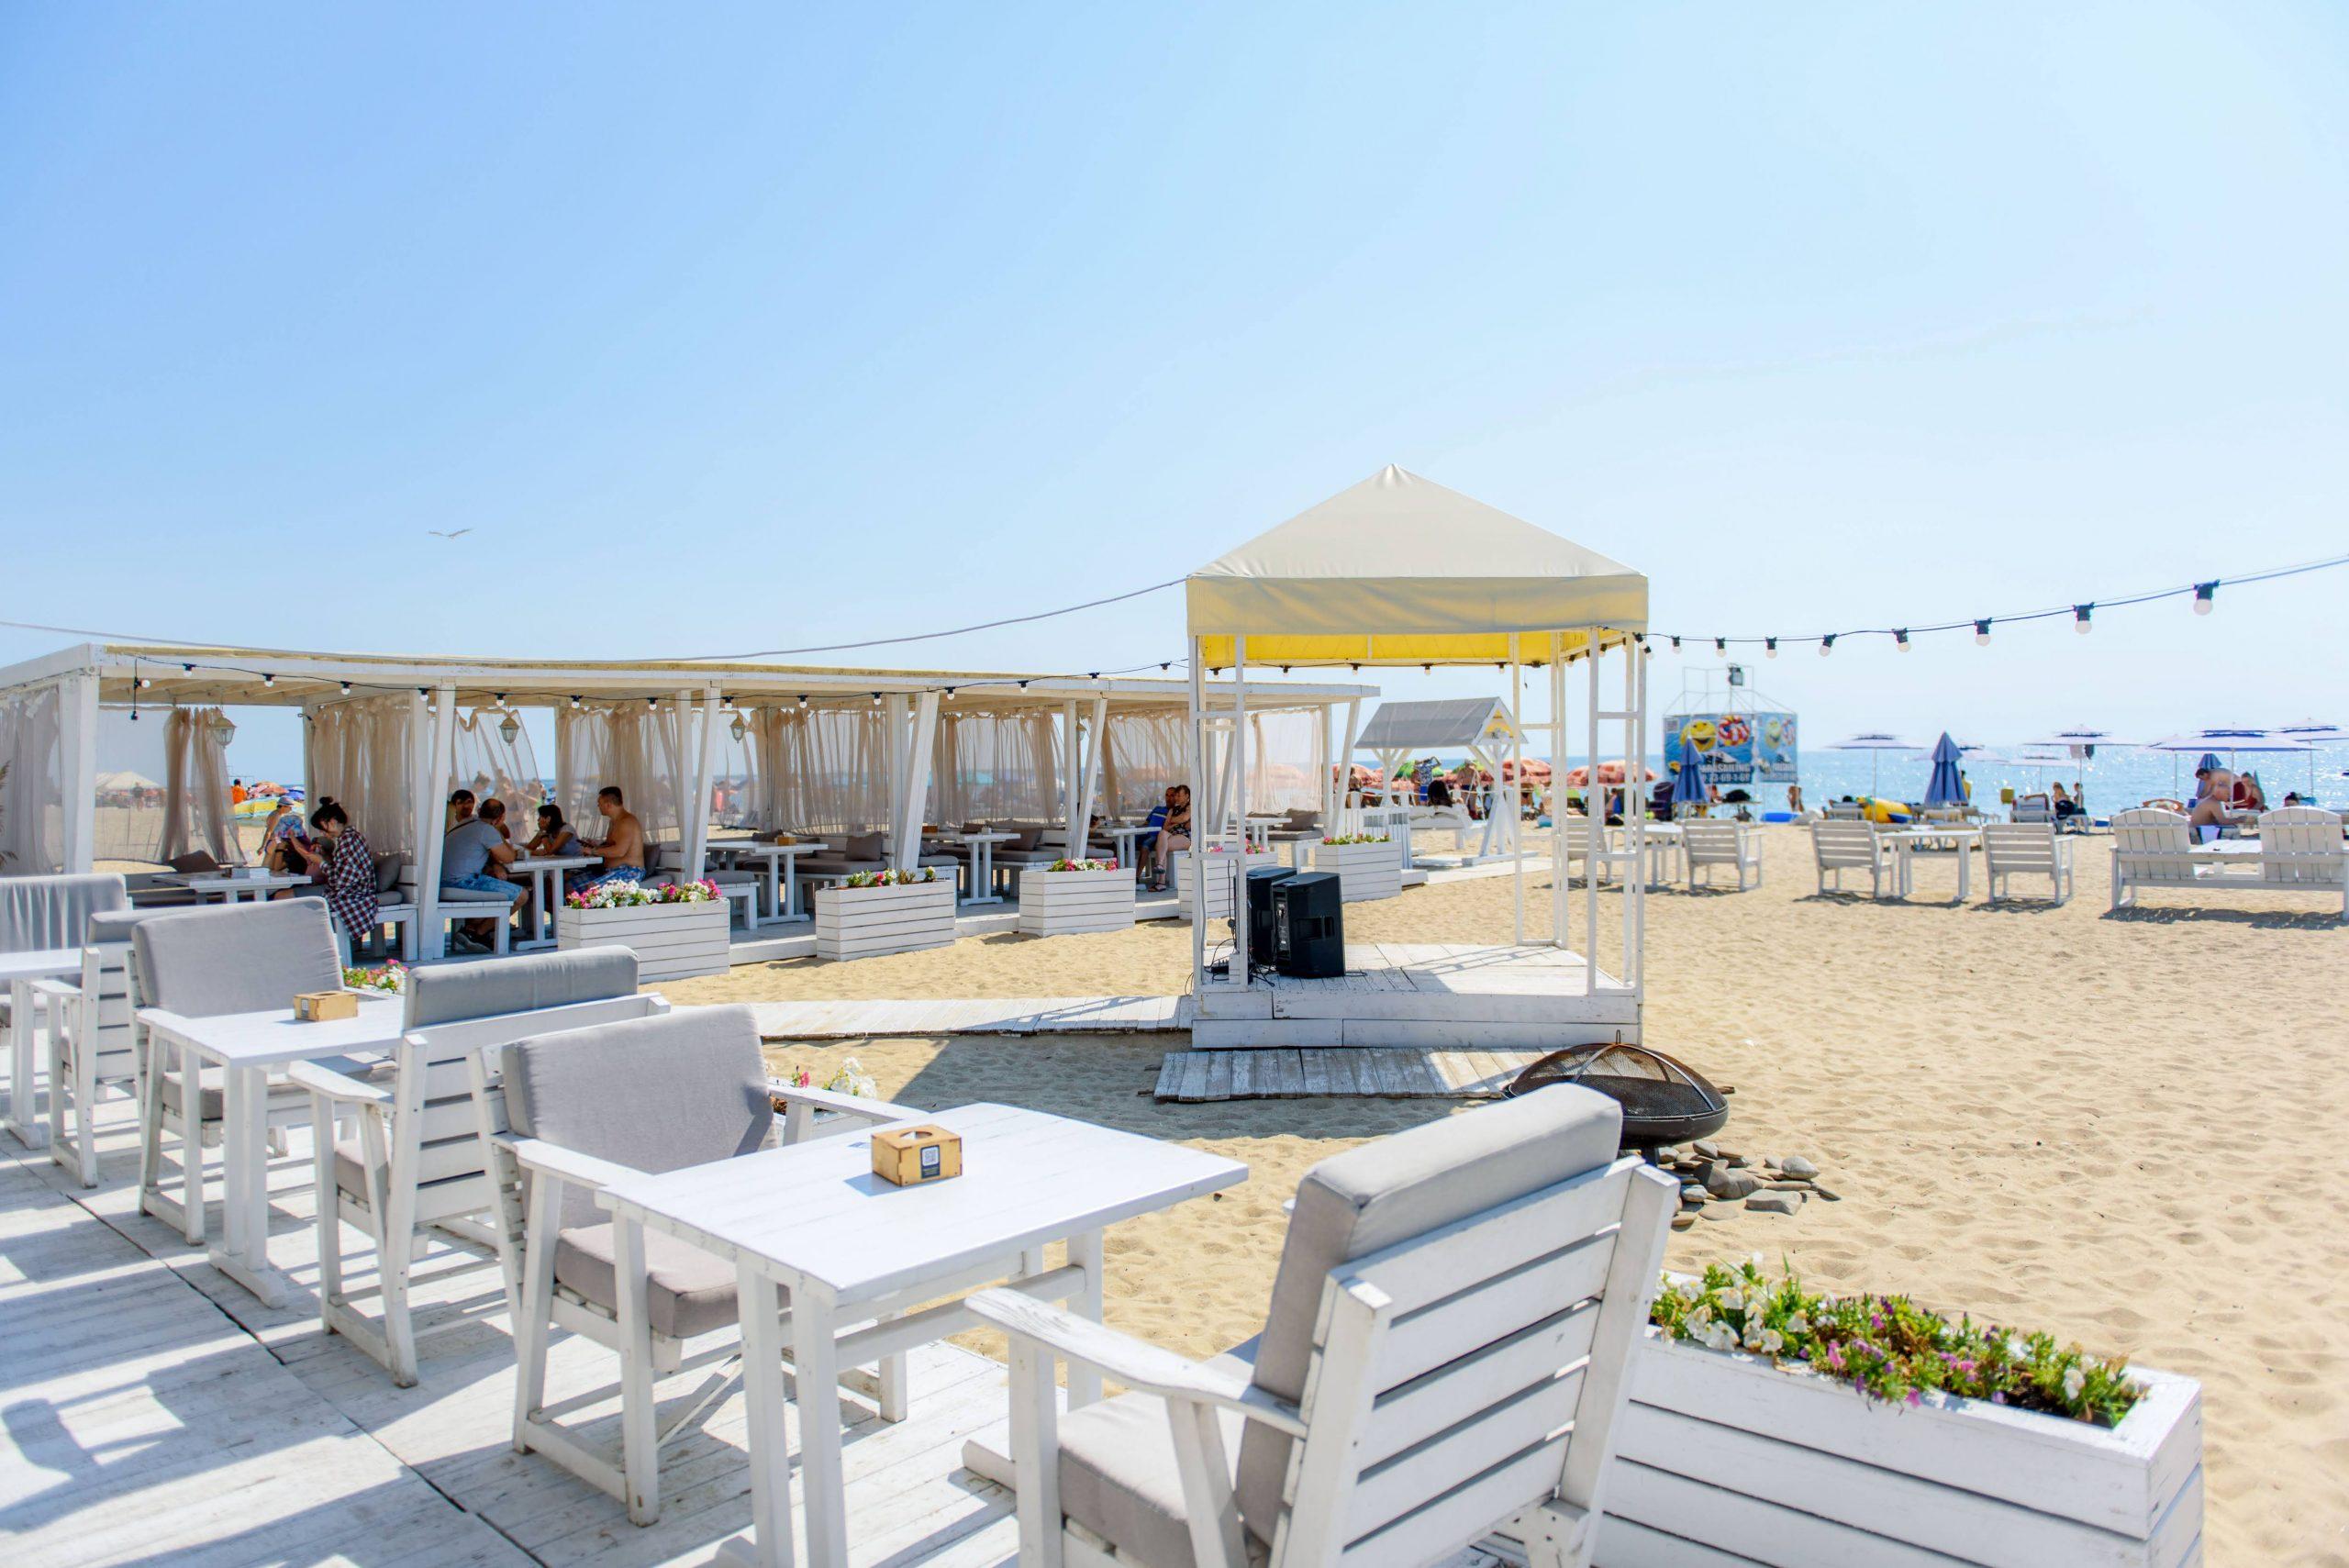 Пляж отеля Richard в Грибовке, Одесская область